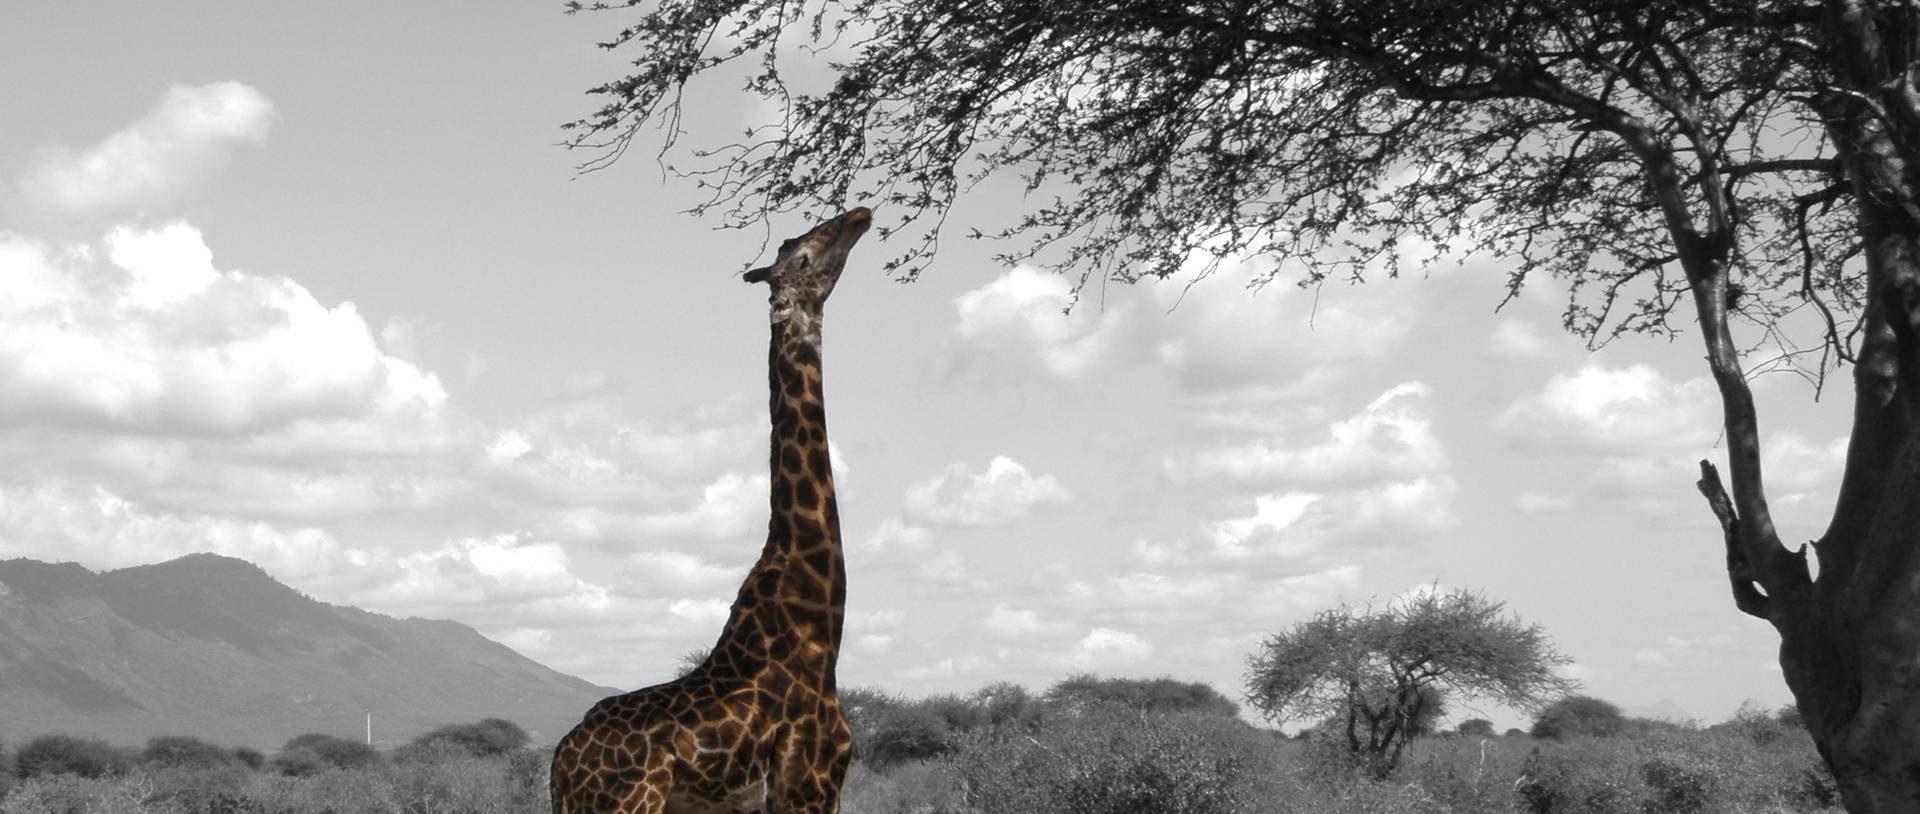 Giraffe gedreht